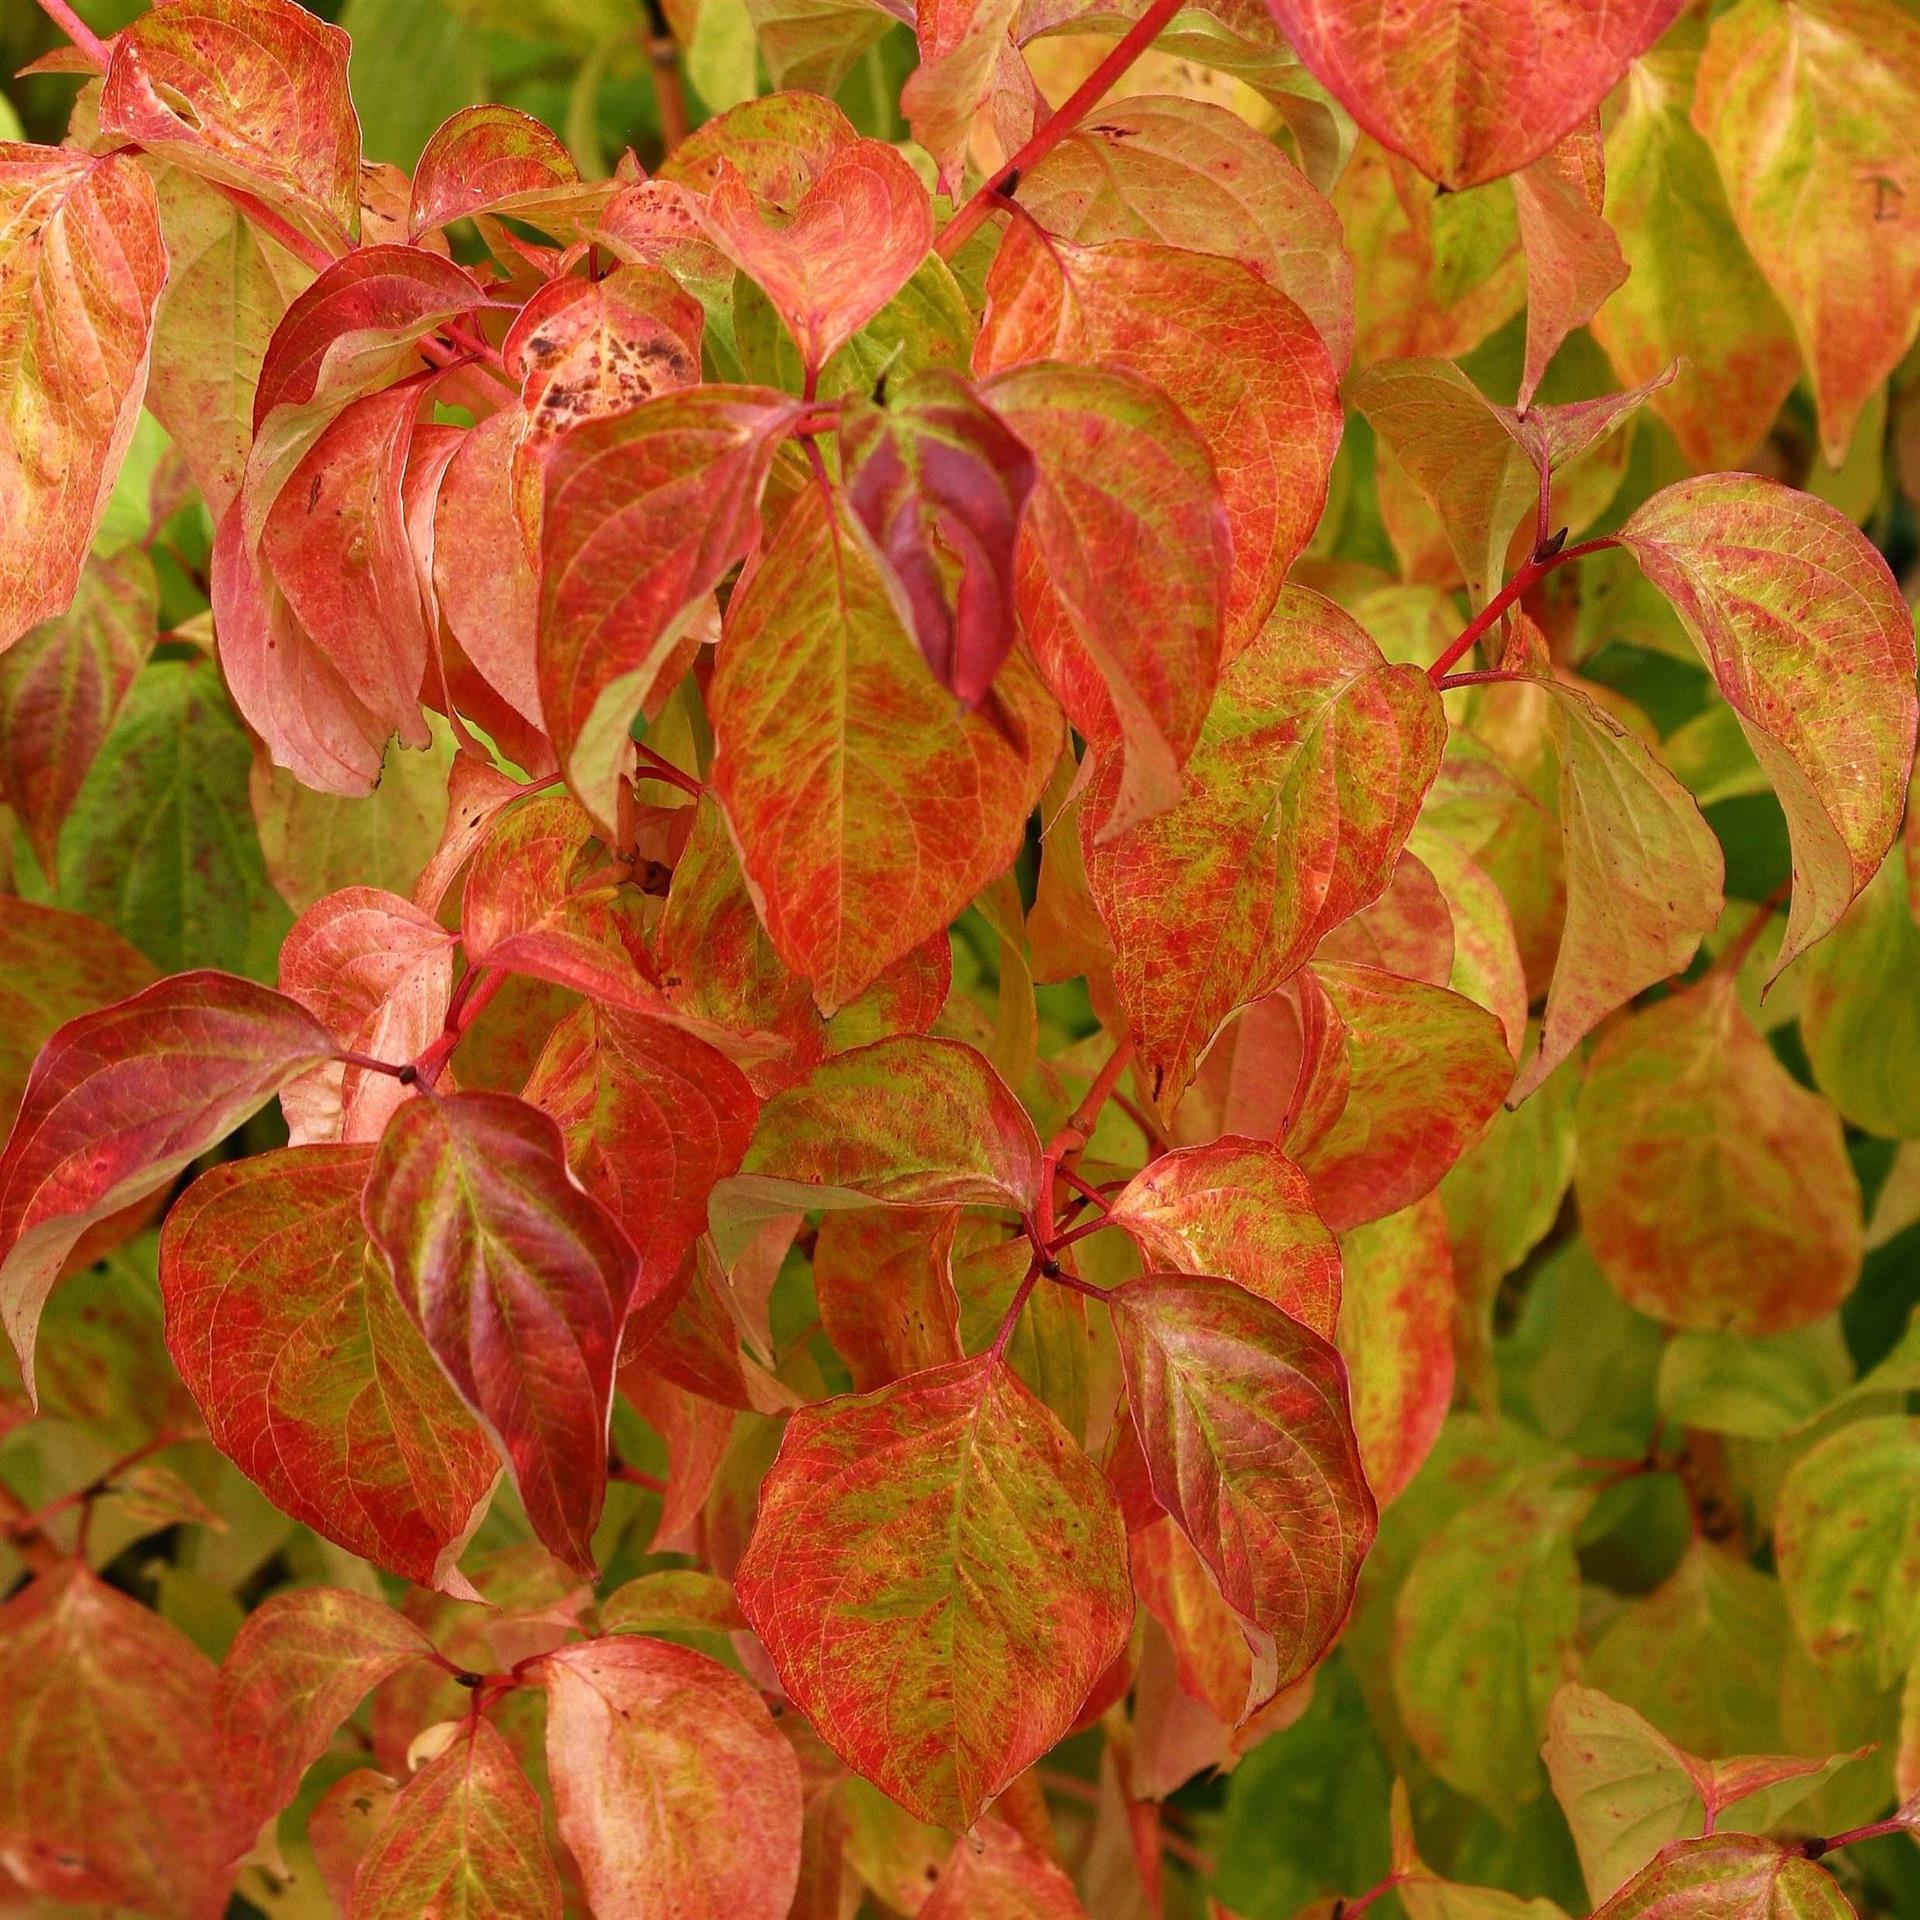 Arbuste Nain Persistant Plein Soleil les bois et les feuillages décoratifs